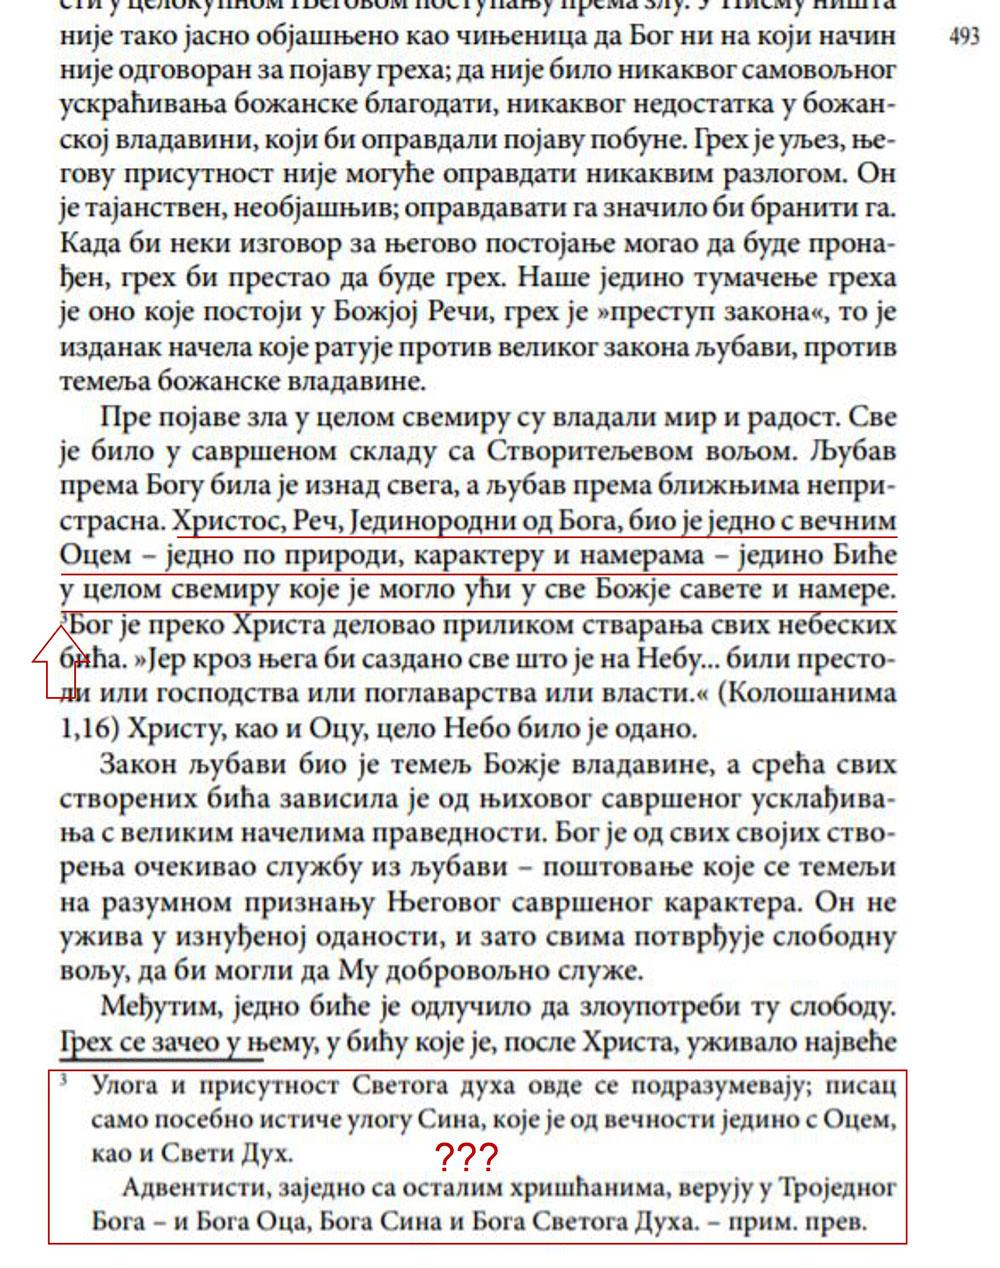 DOKAZI OTPADA ADVENTISTIČKE CRKVE - Page 39 Vb191110